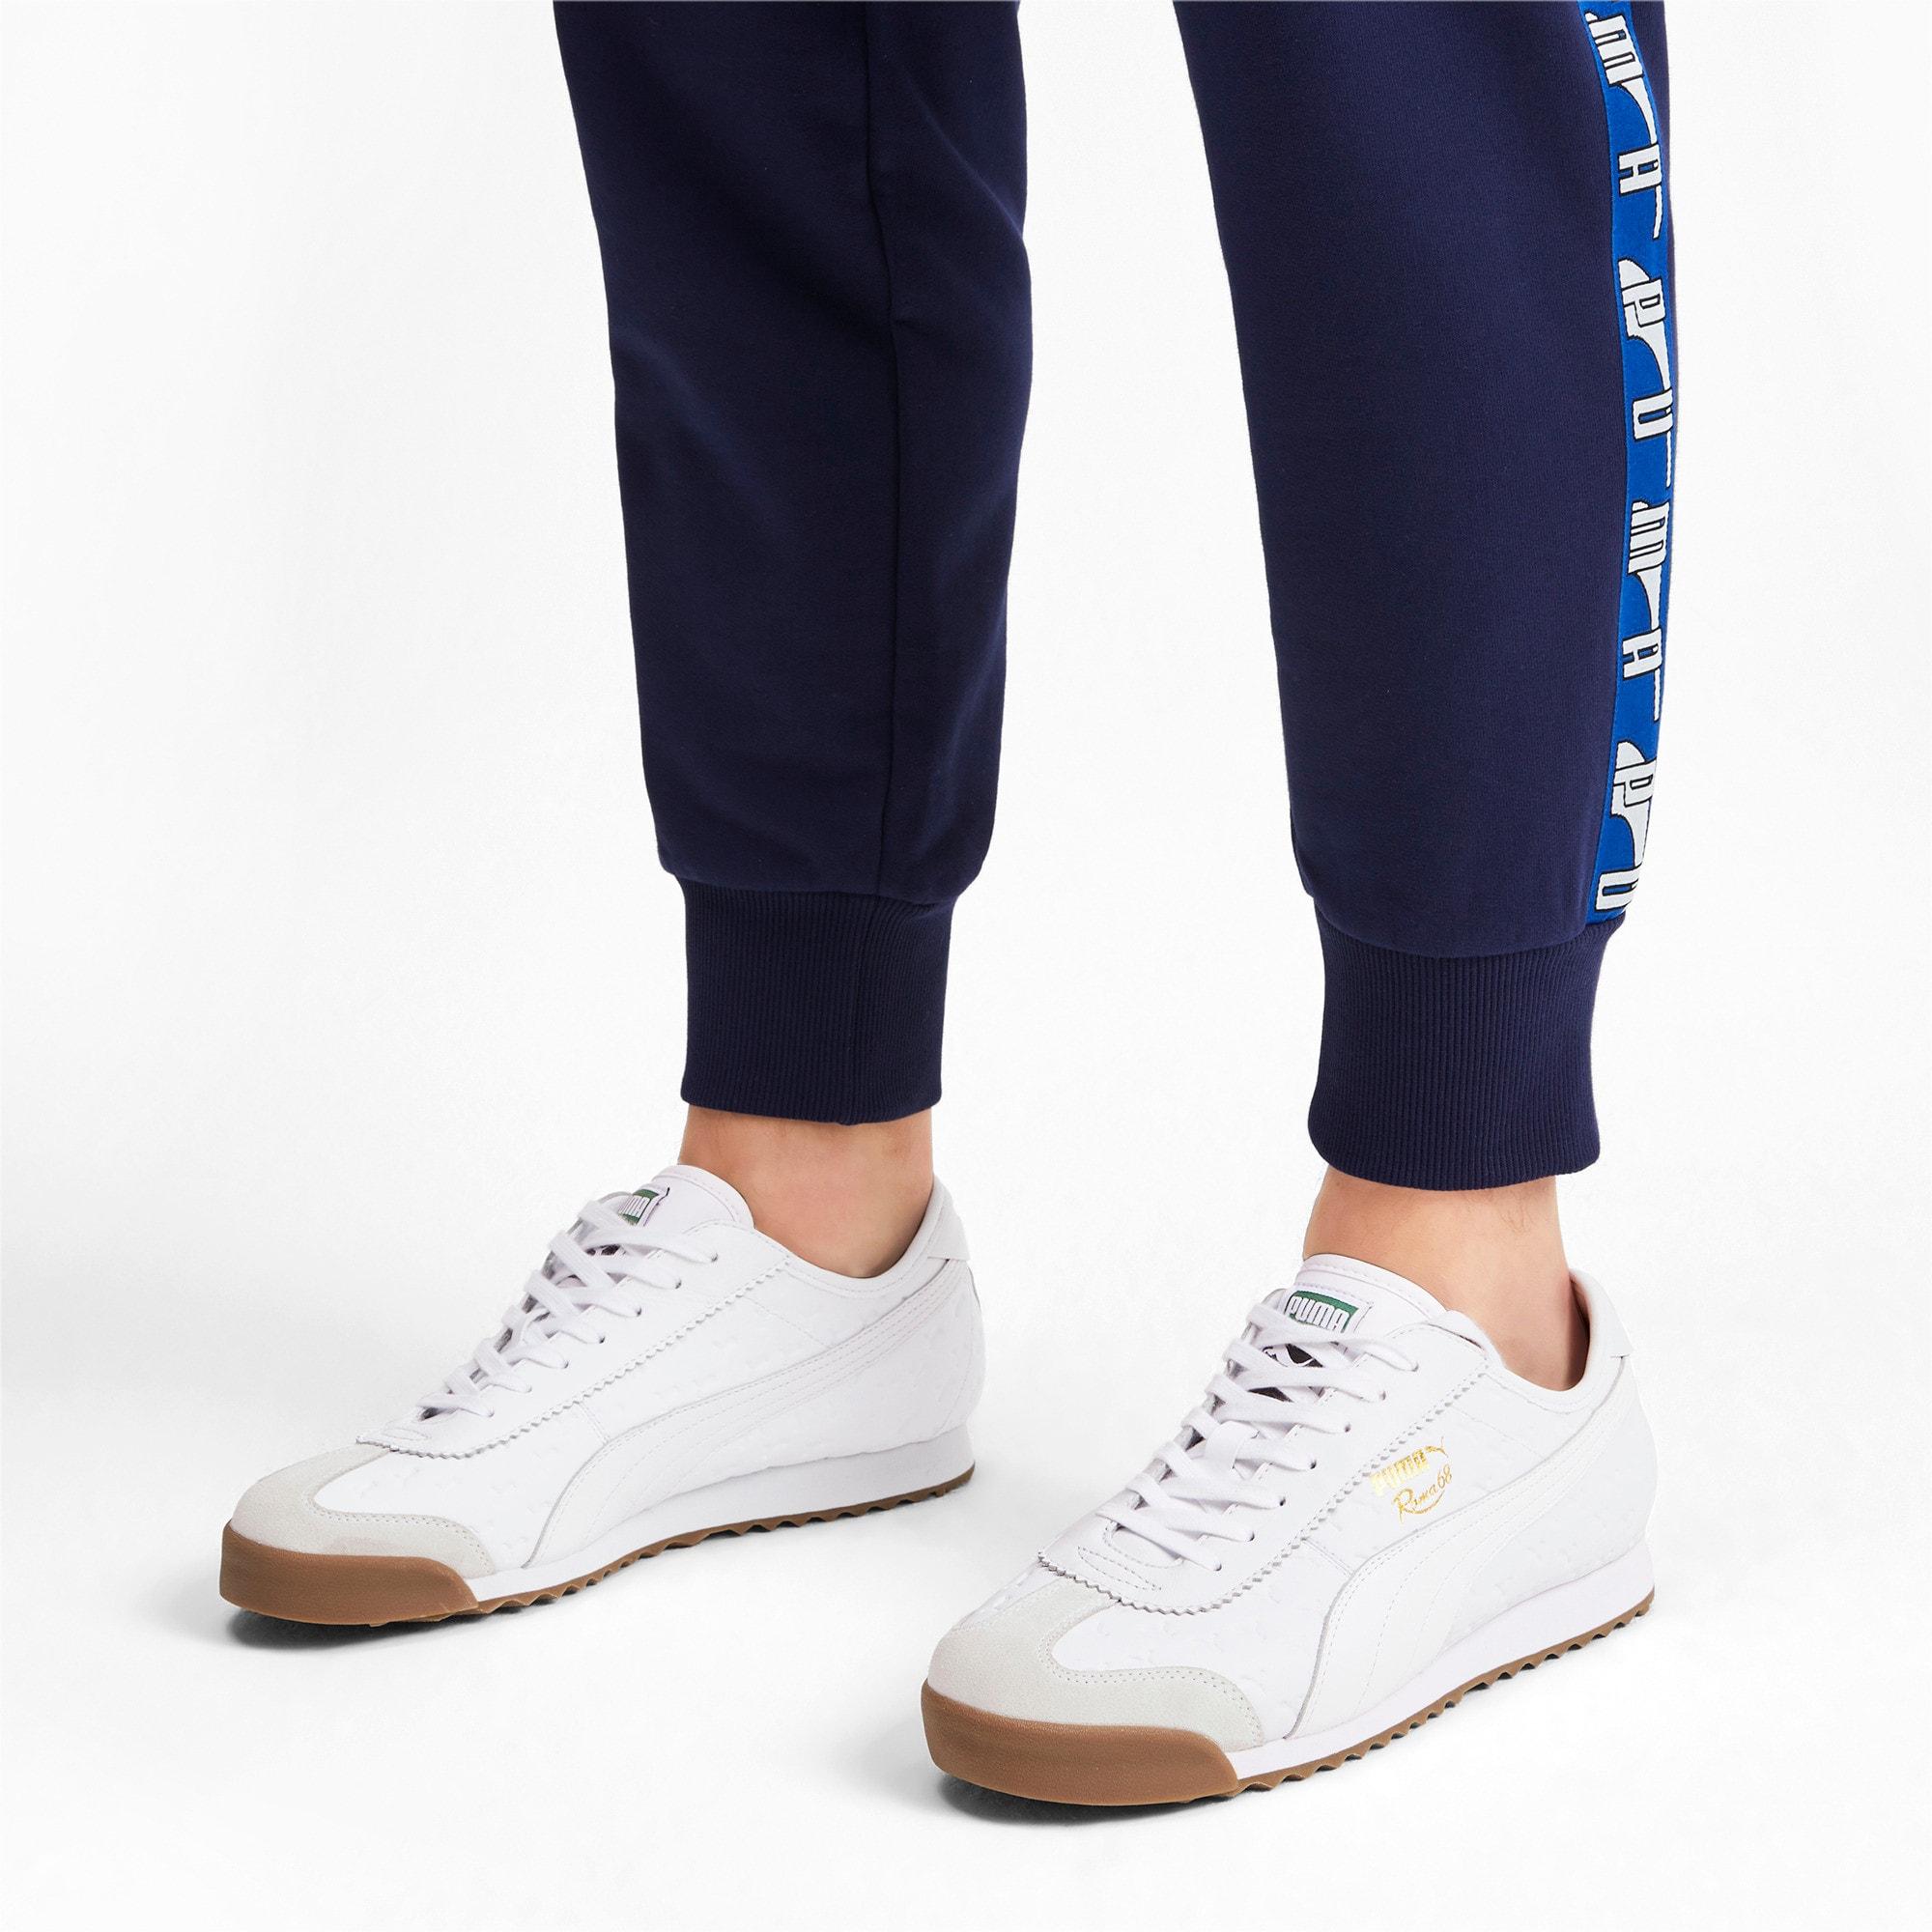 Miniatura 2 de Zapatos deportivos Roma '68 Gum, Puma White-Puma White, mediano